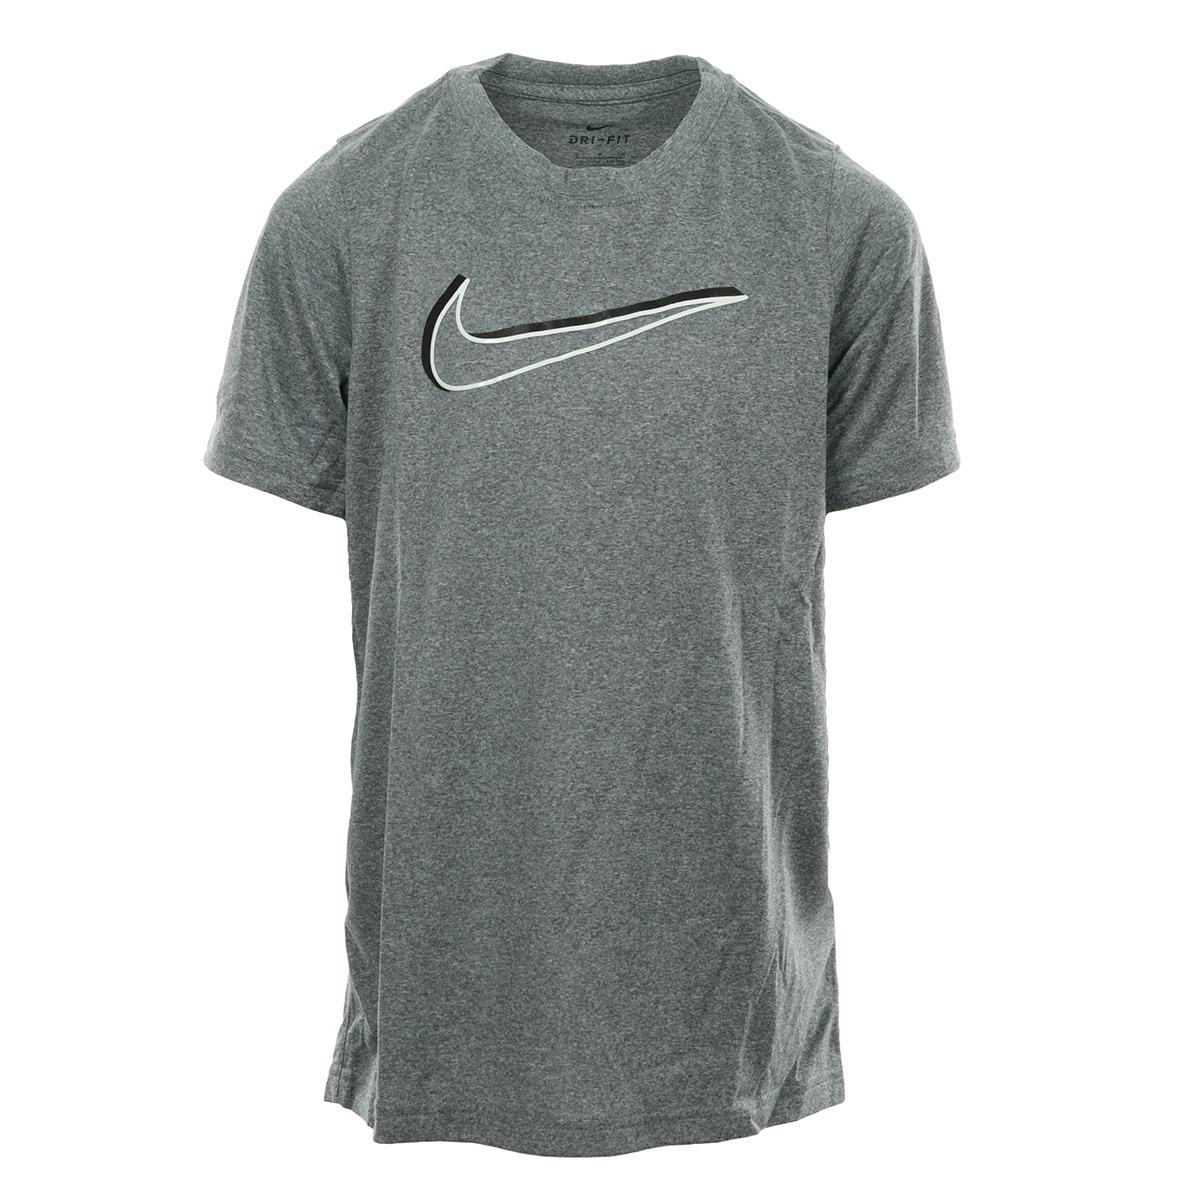 Détails sur Vêtement T Shirts Nike garçon Kids Dry Tee 3D Swoosh taille Gris Polyester